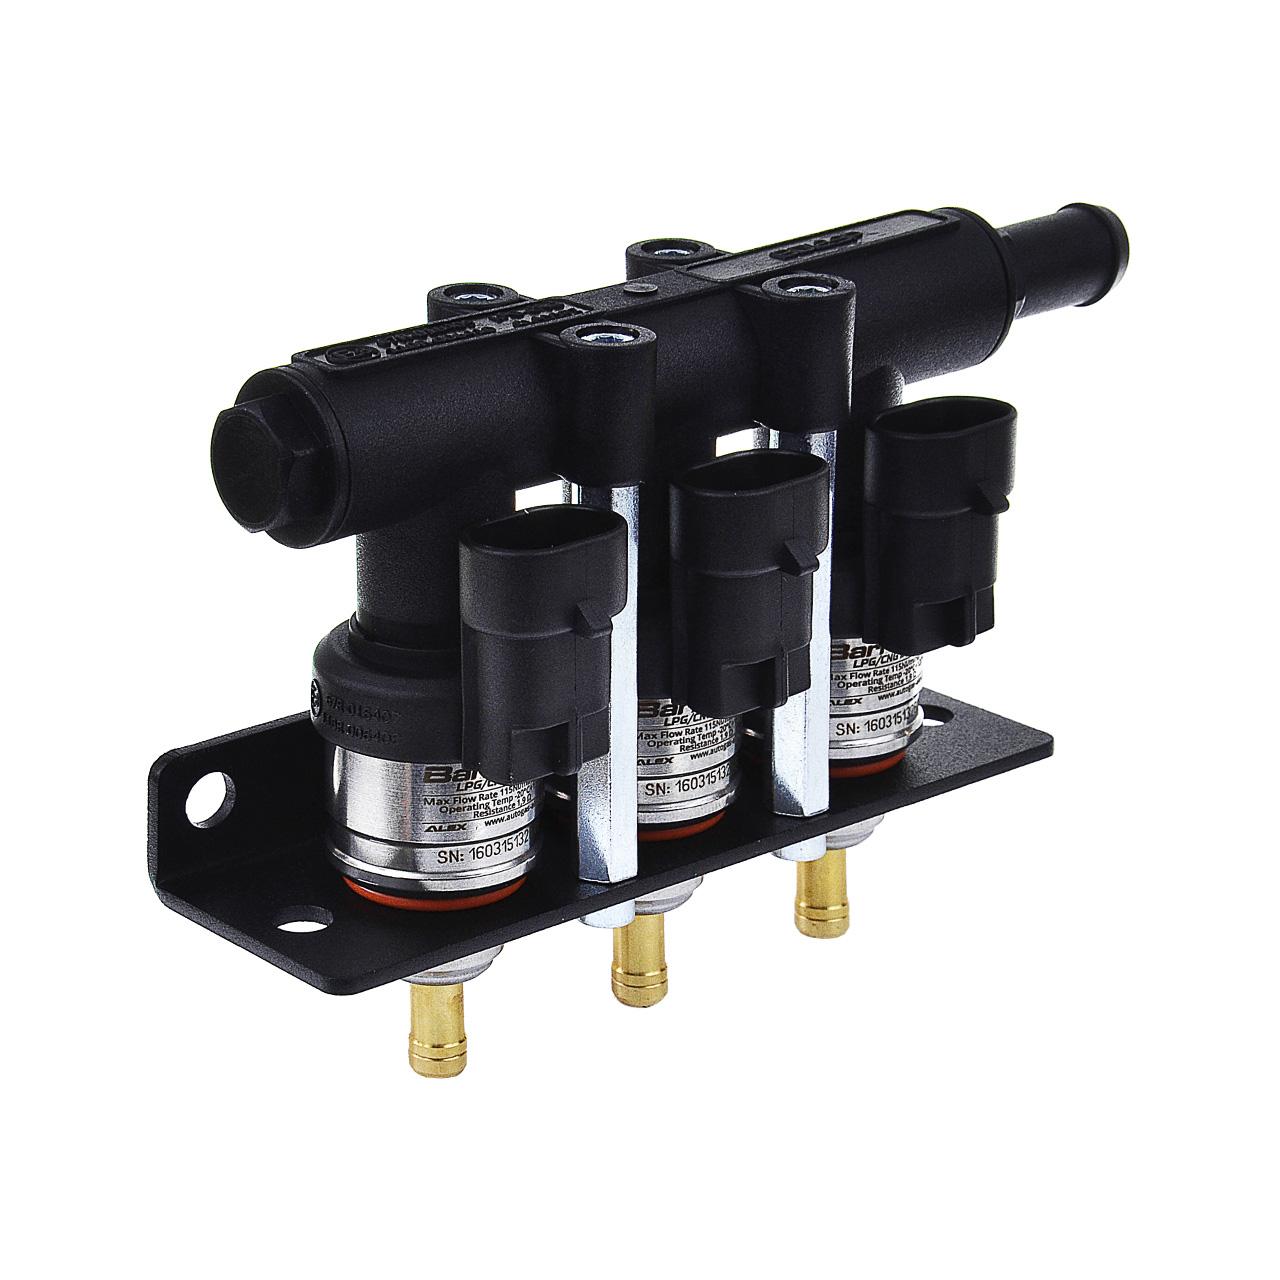 Как выбрать газовые форсунки, инструкция выбора форсунок для газобаллонного оборудования